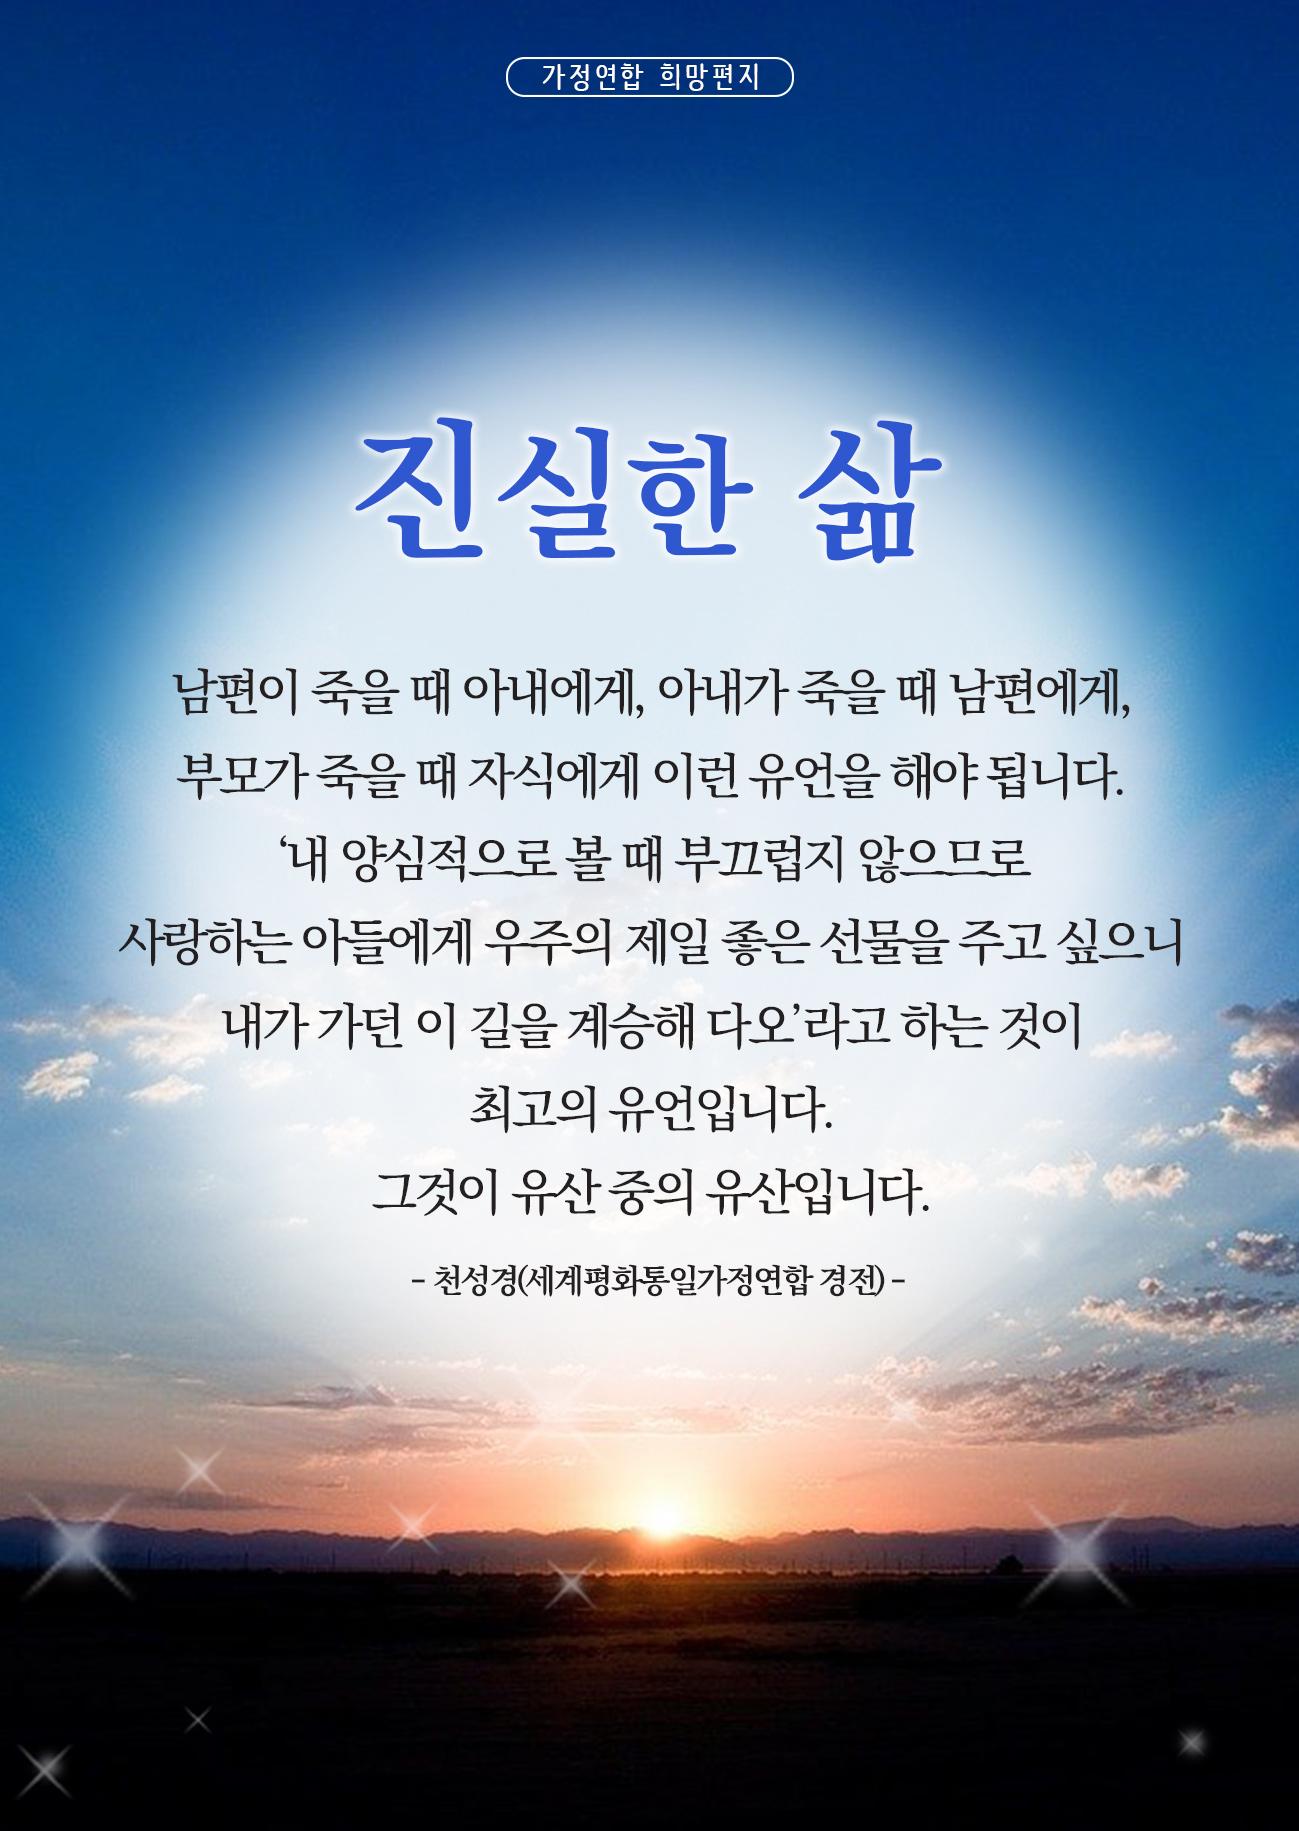 [24편] 진실한 삶